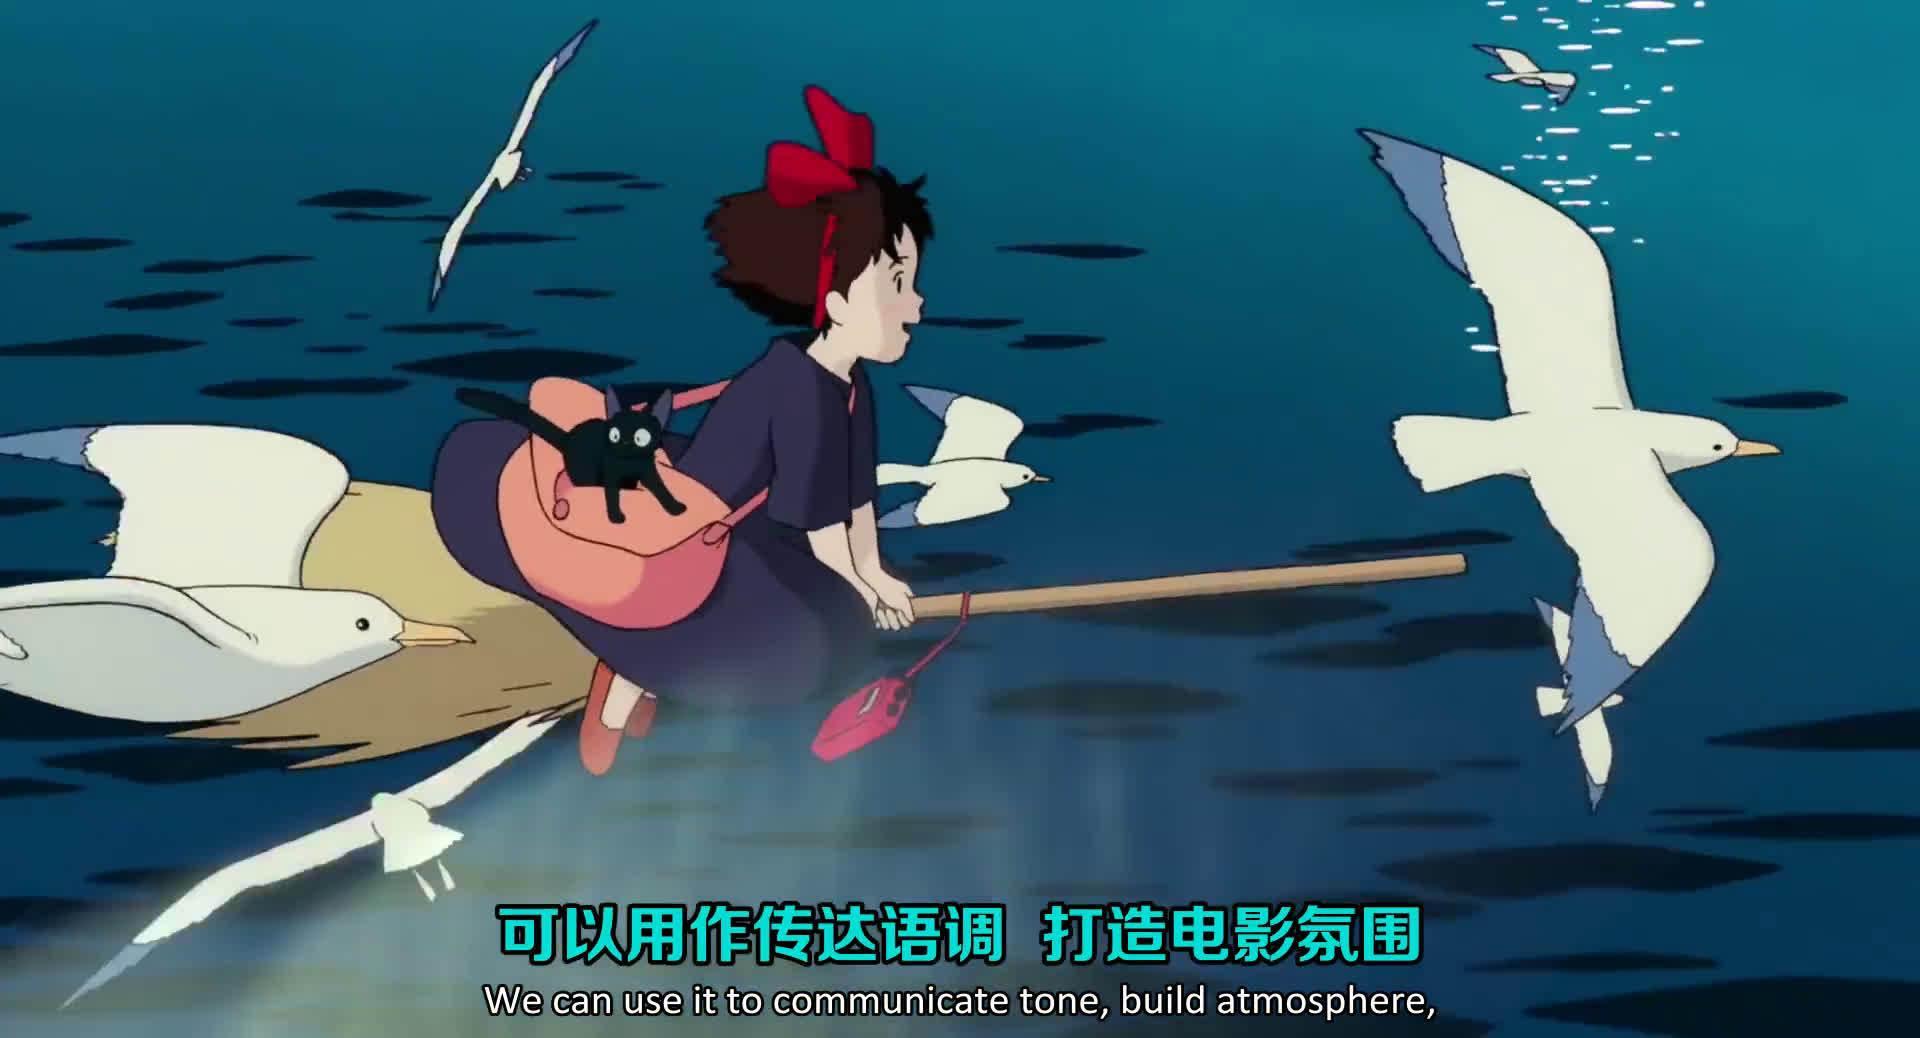 宫崎骏--如何给动漫注入灵魂